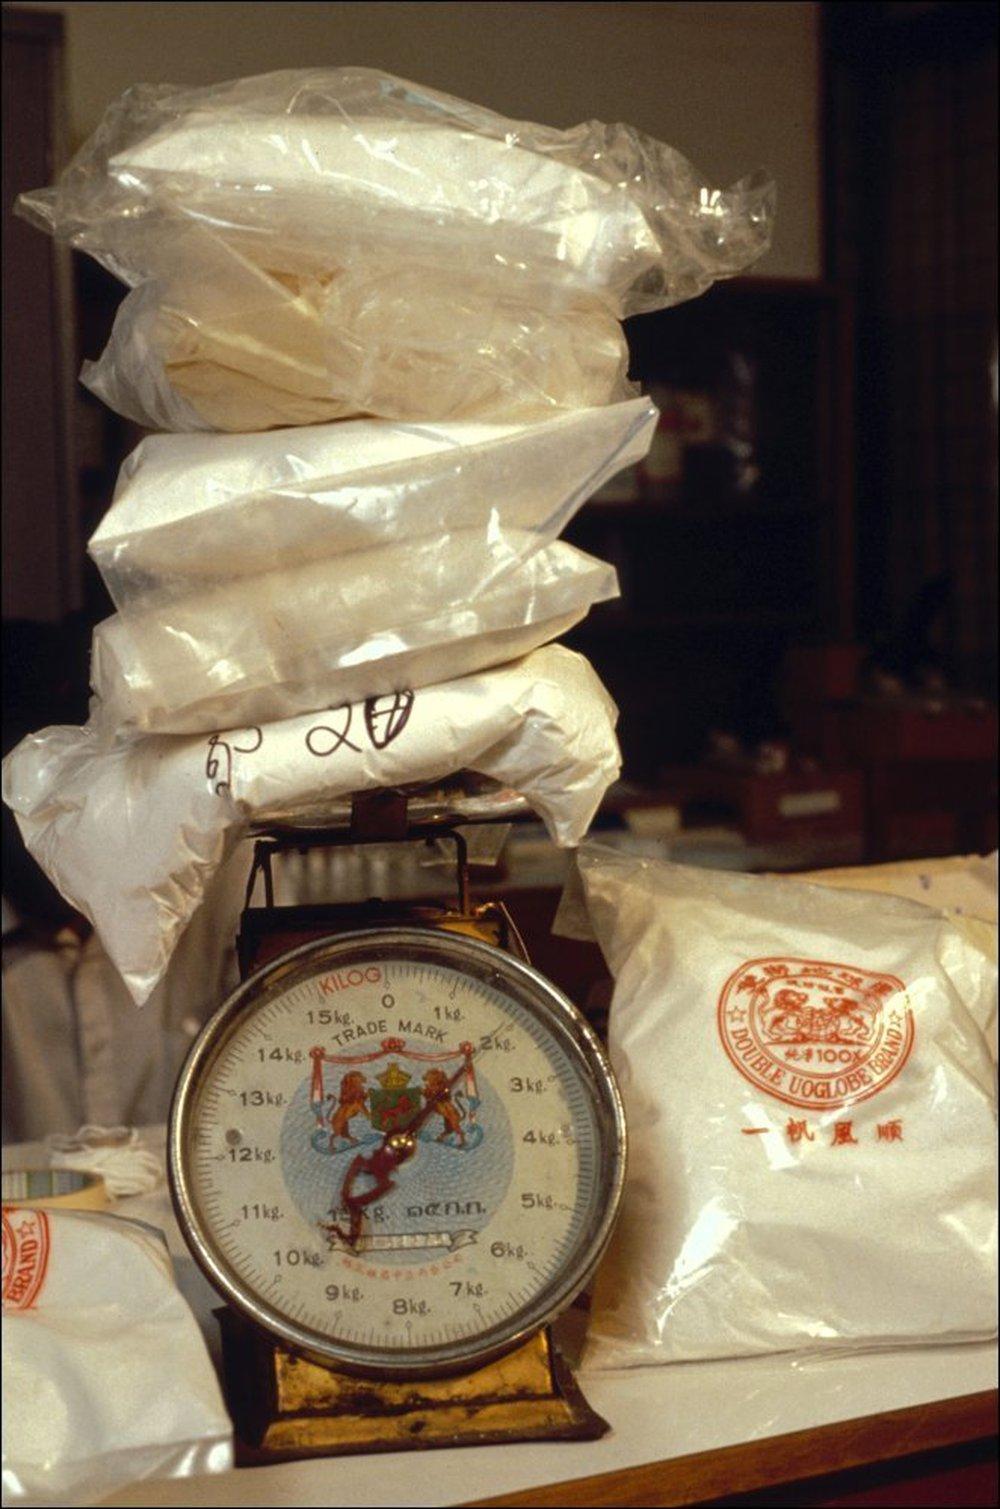 Vụ thảm sát 13 người Trung Quốc trên sông Mekong hé lộ đế chế của ông trùm ma túy ở Tam Giác Vàng - Ảnh 3.